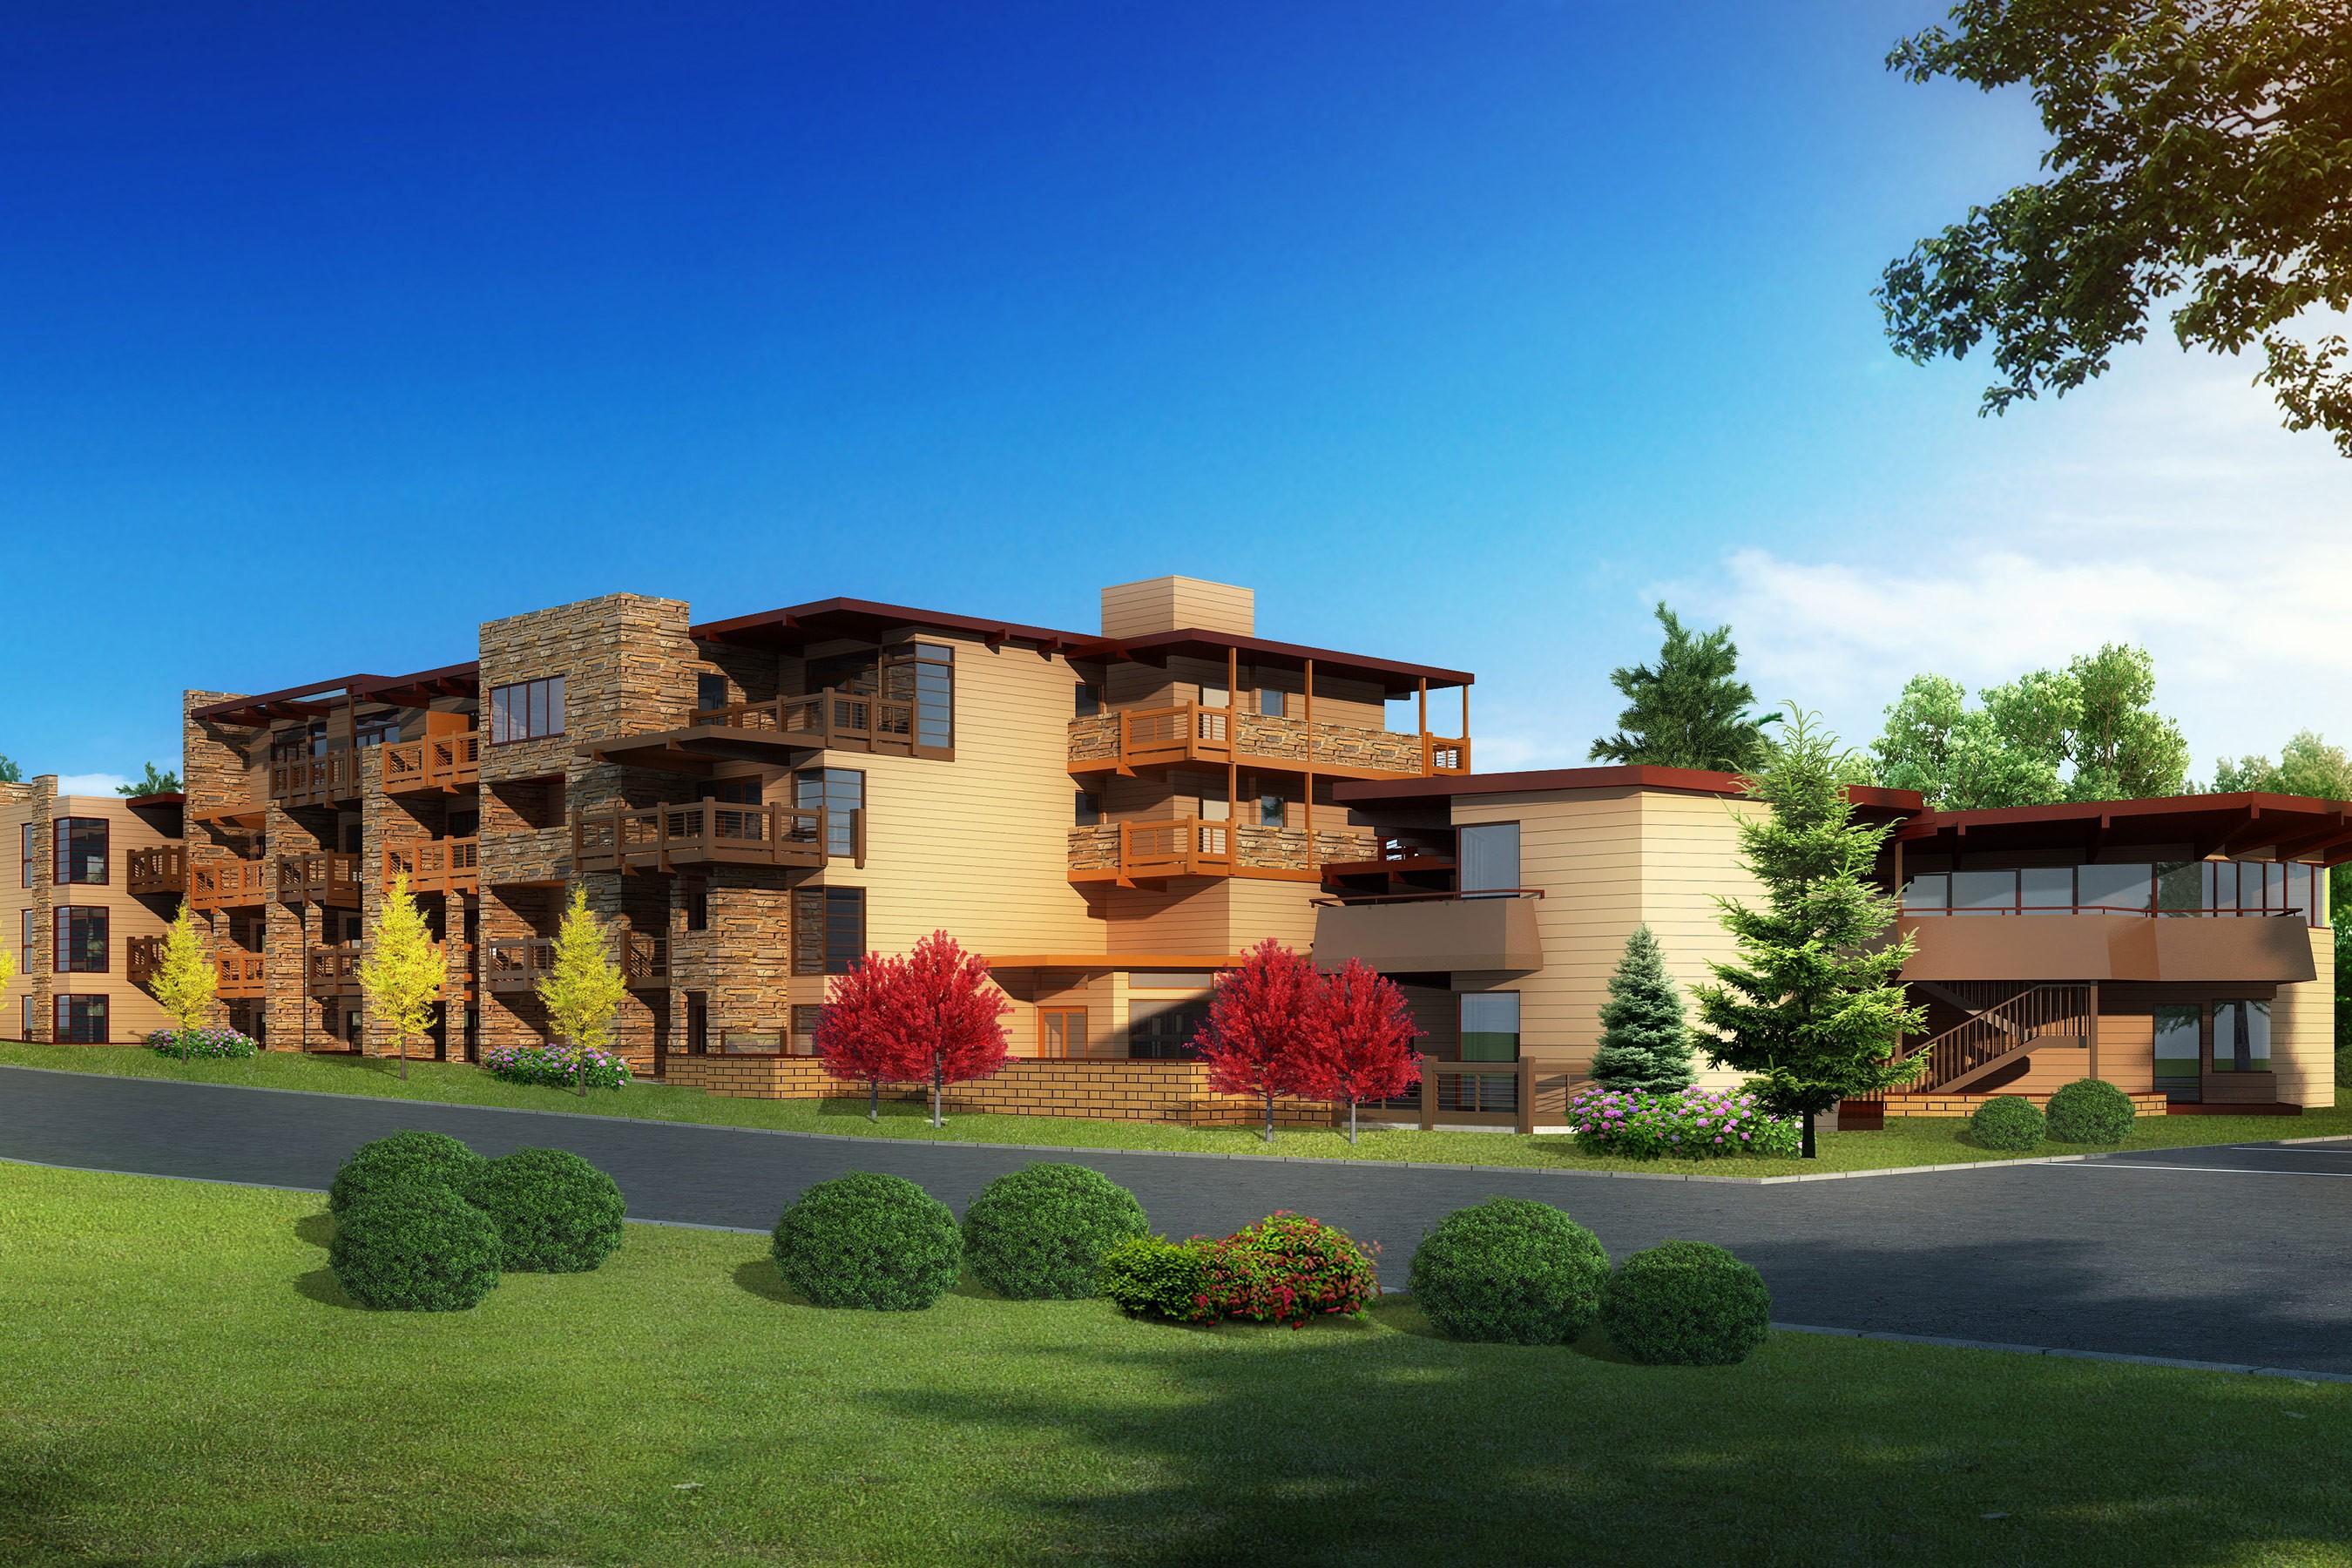 Кооперативная квартира для того Продажа на Boomerang Lodge 500 W. Hopkins Avenue Unit 402 Aspen, Колорадо, 81611 Соединенные Штаты